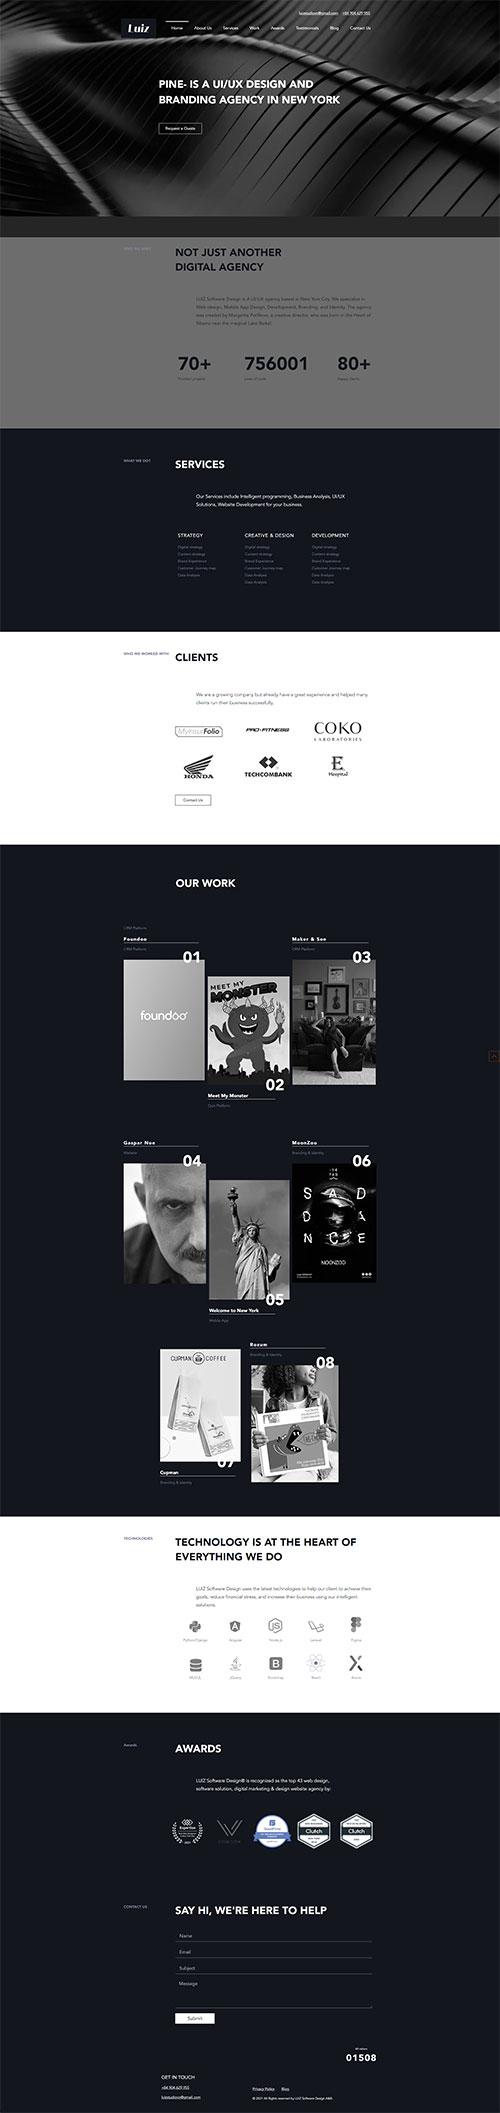 Mẫu-thiết-kế-web-chuyên-nghiêp-02